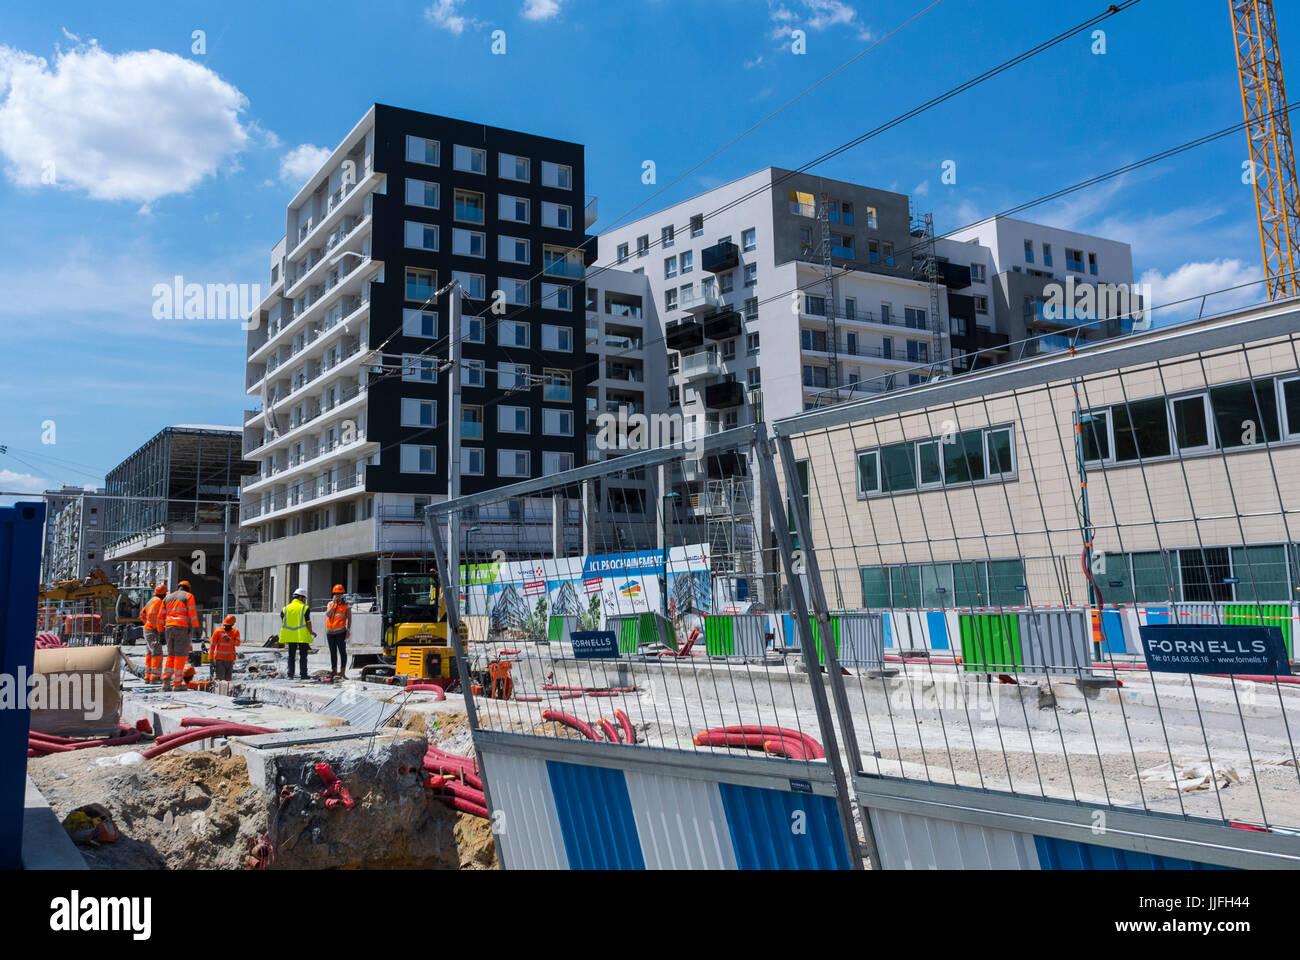 Gennevilliers, France, banlieue parisienne, Urbanisme, projet de réaménagement urbain près de la station de métro, développement durable des ouvriers de la construction de tramways, rue de banlieue Banque D'Images